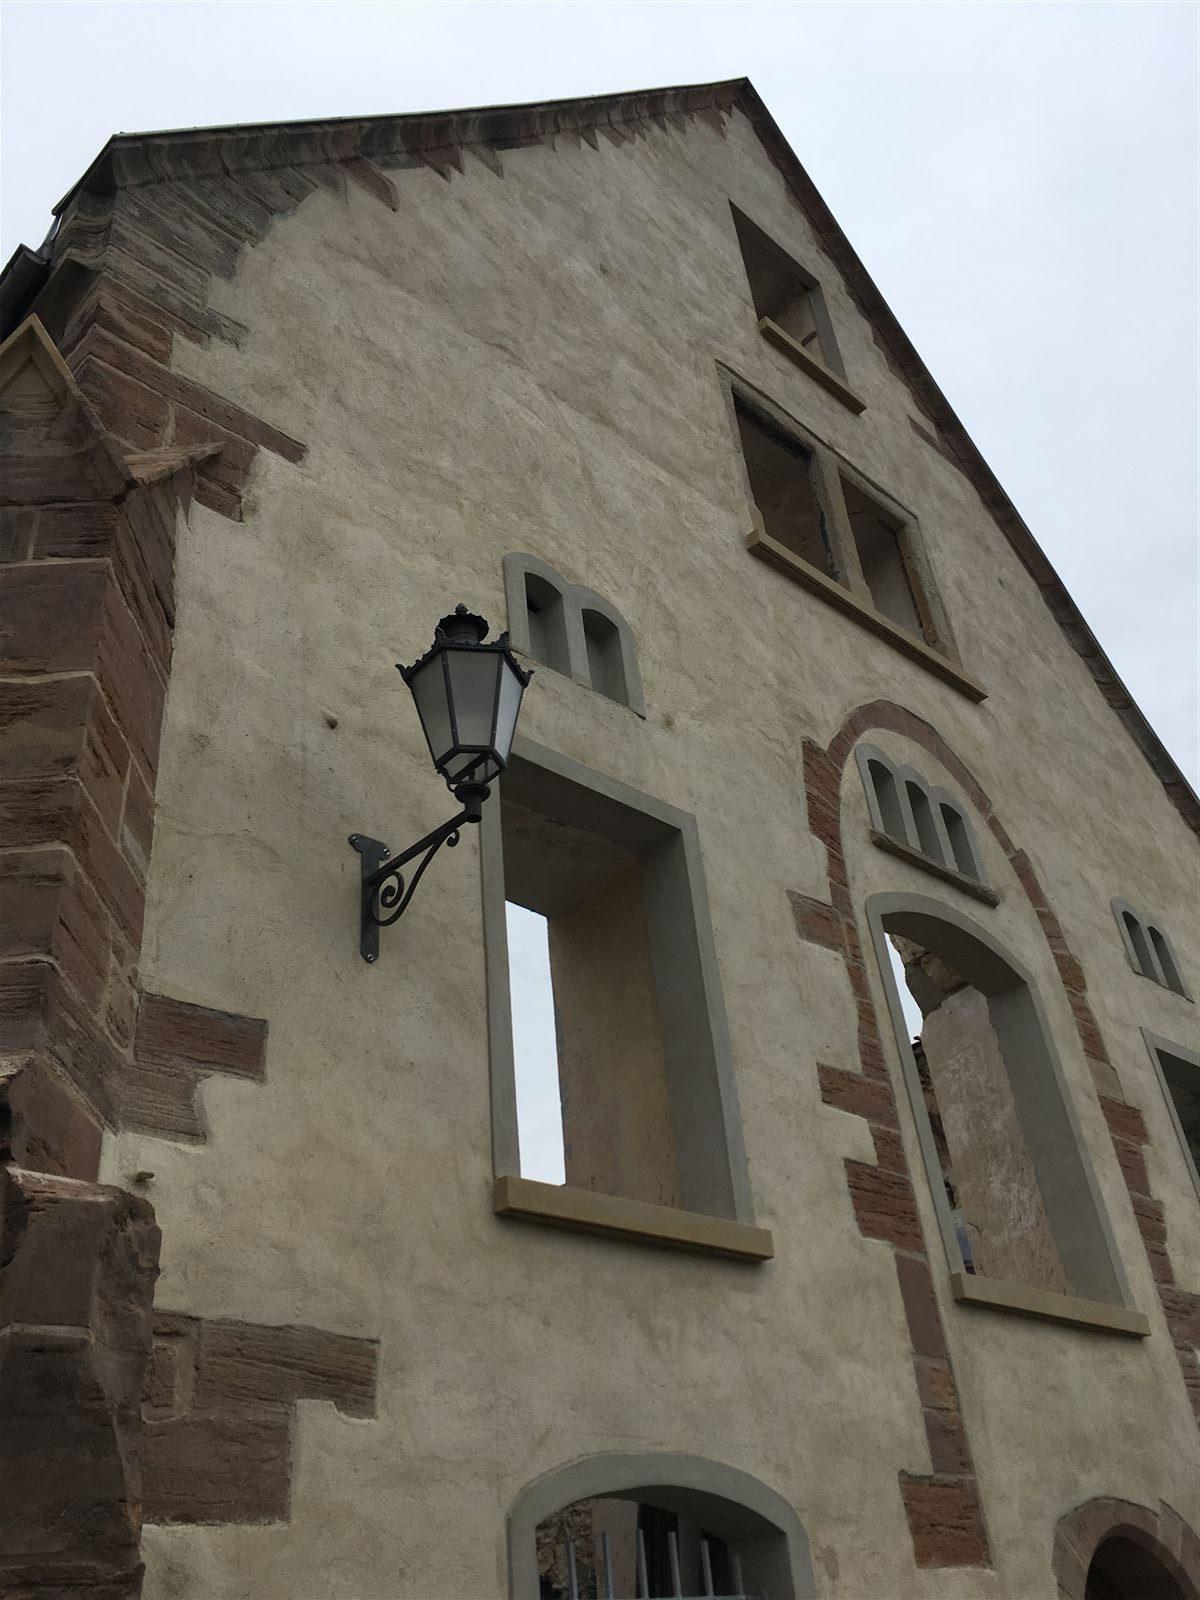 Stadtrundgang auf dem Kulturweg der Vögte durch Weida - Kornhaus